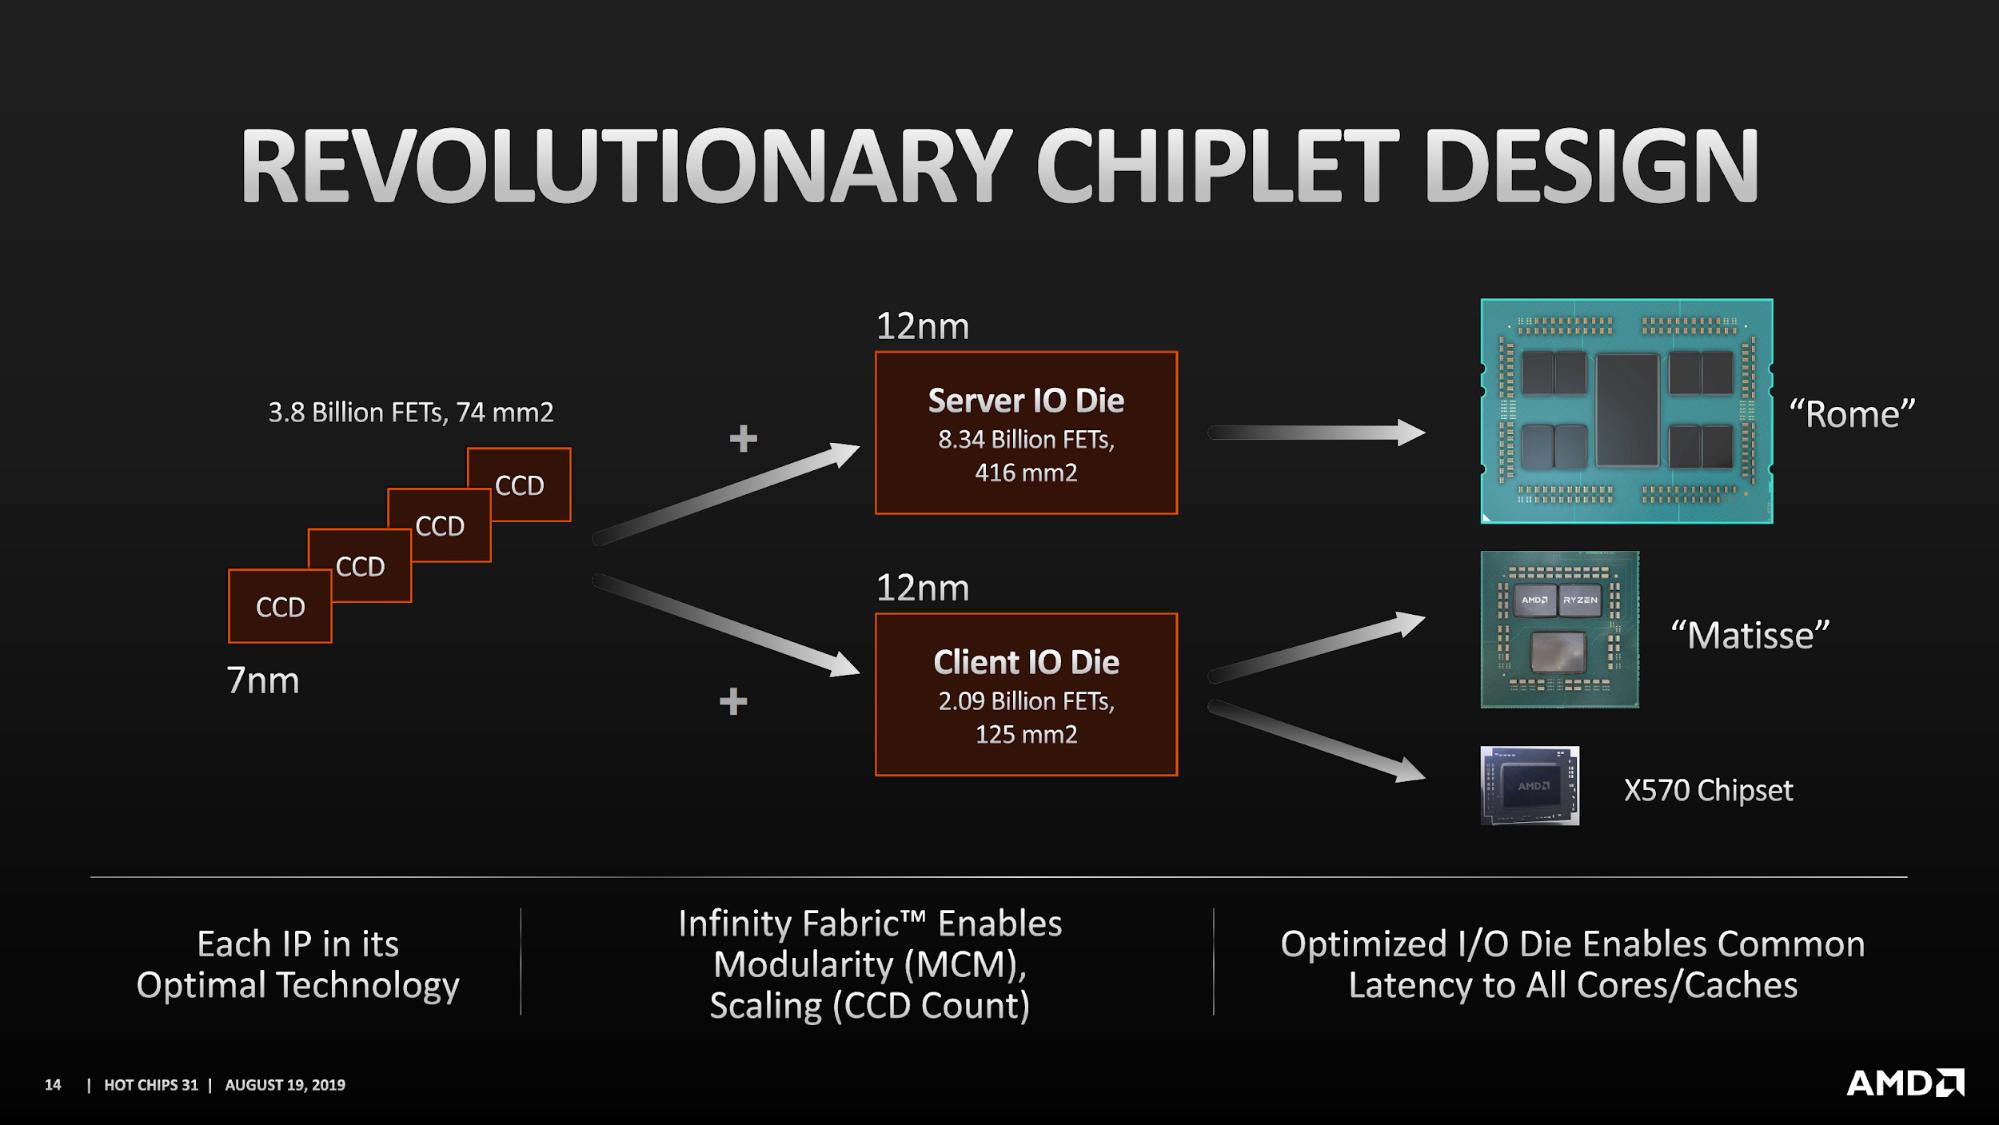 照片中提到了REVOLUTIONARY CHIPLET DESIGN、12nm、3.8 Billion FETS, 74 mm2,包含了多媒體、多芯片模塊、Advanced Micro Devices公司、半導體封裝、7納米